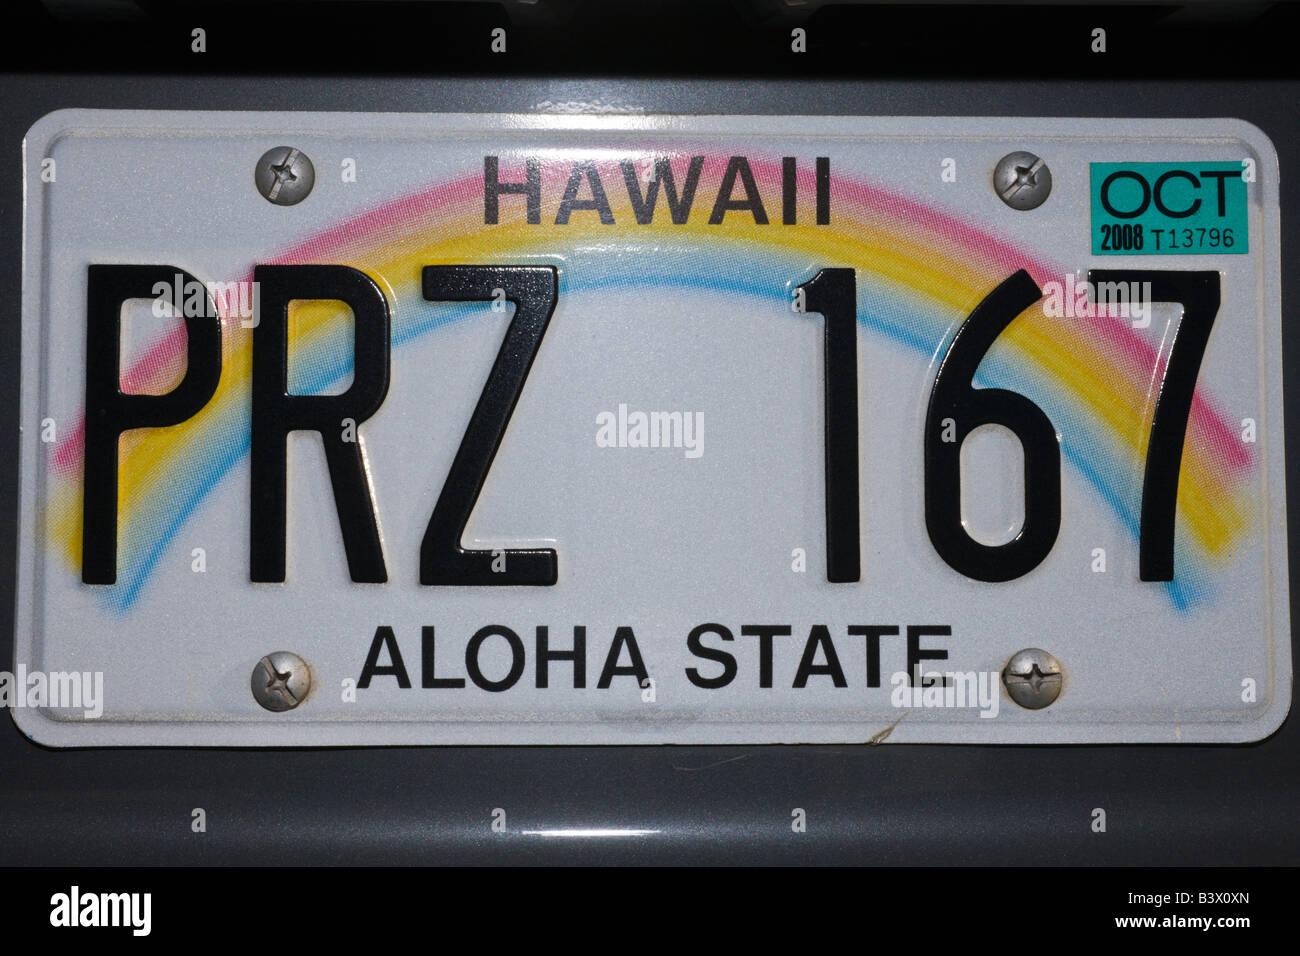 Hawaiian Tag: Hawaii Car License Plate Stockfotos & Hawaii Car License